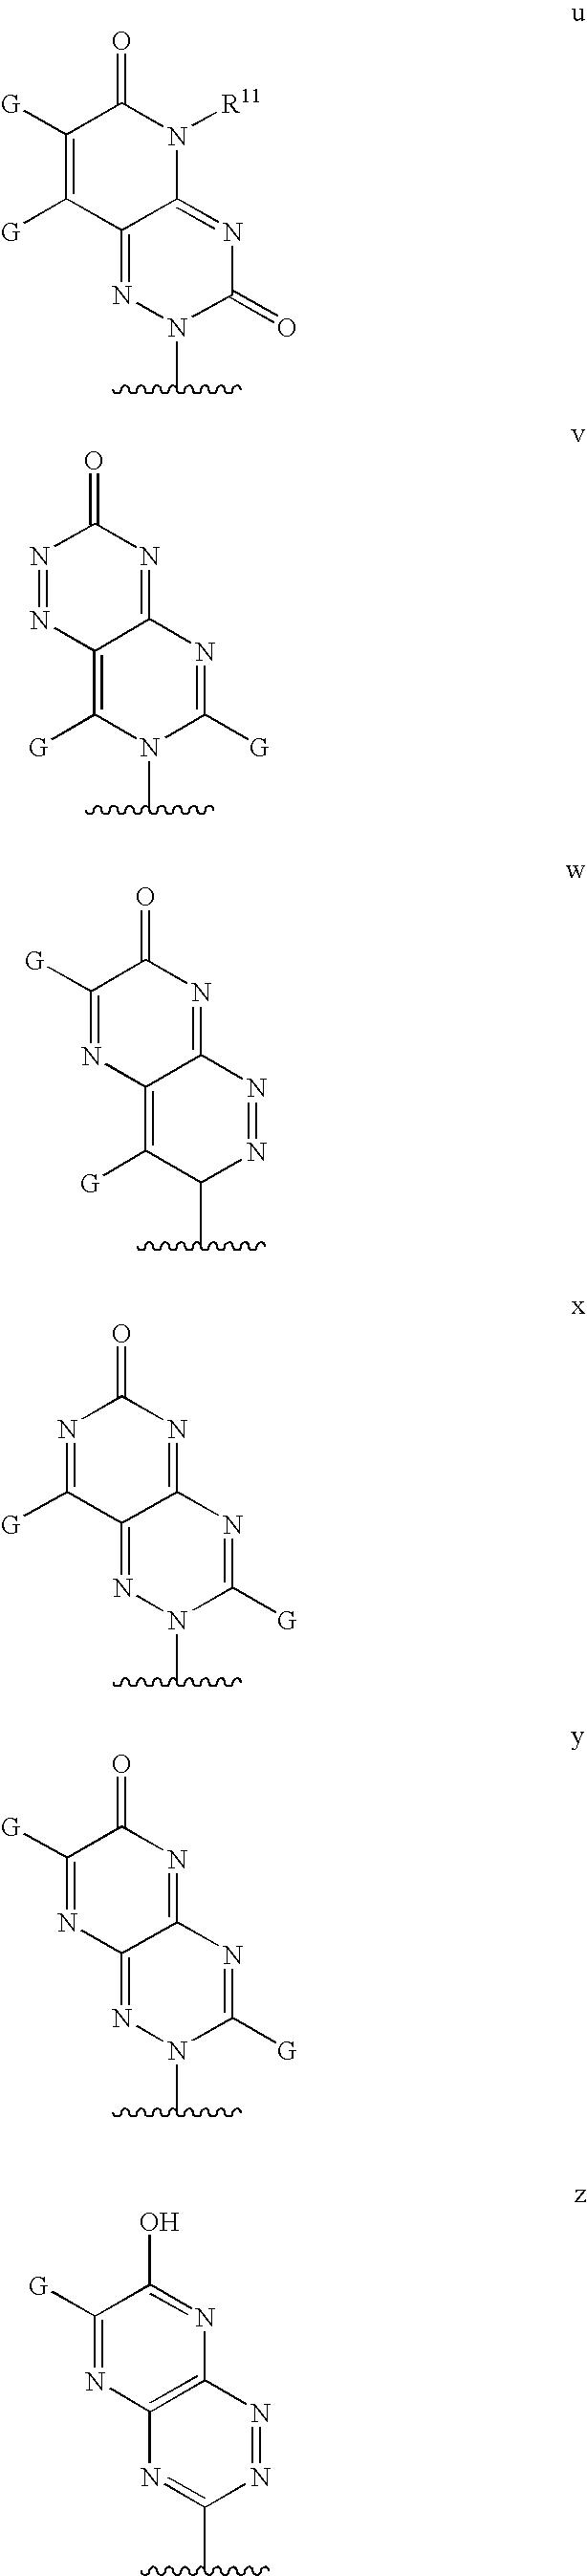 Figure US08173621-20120508-C00030